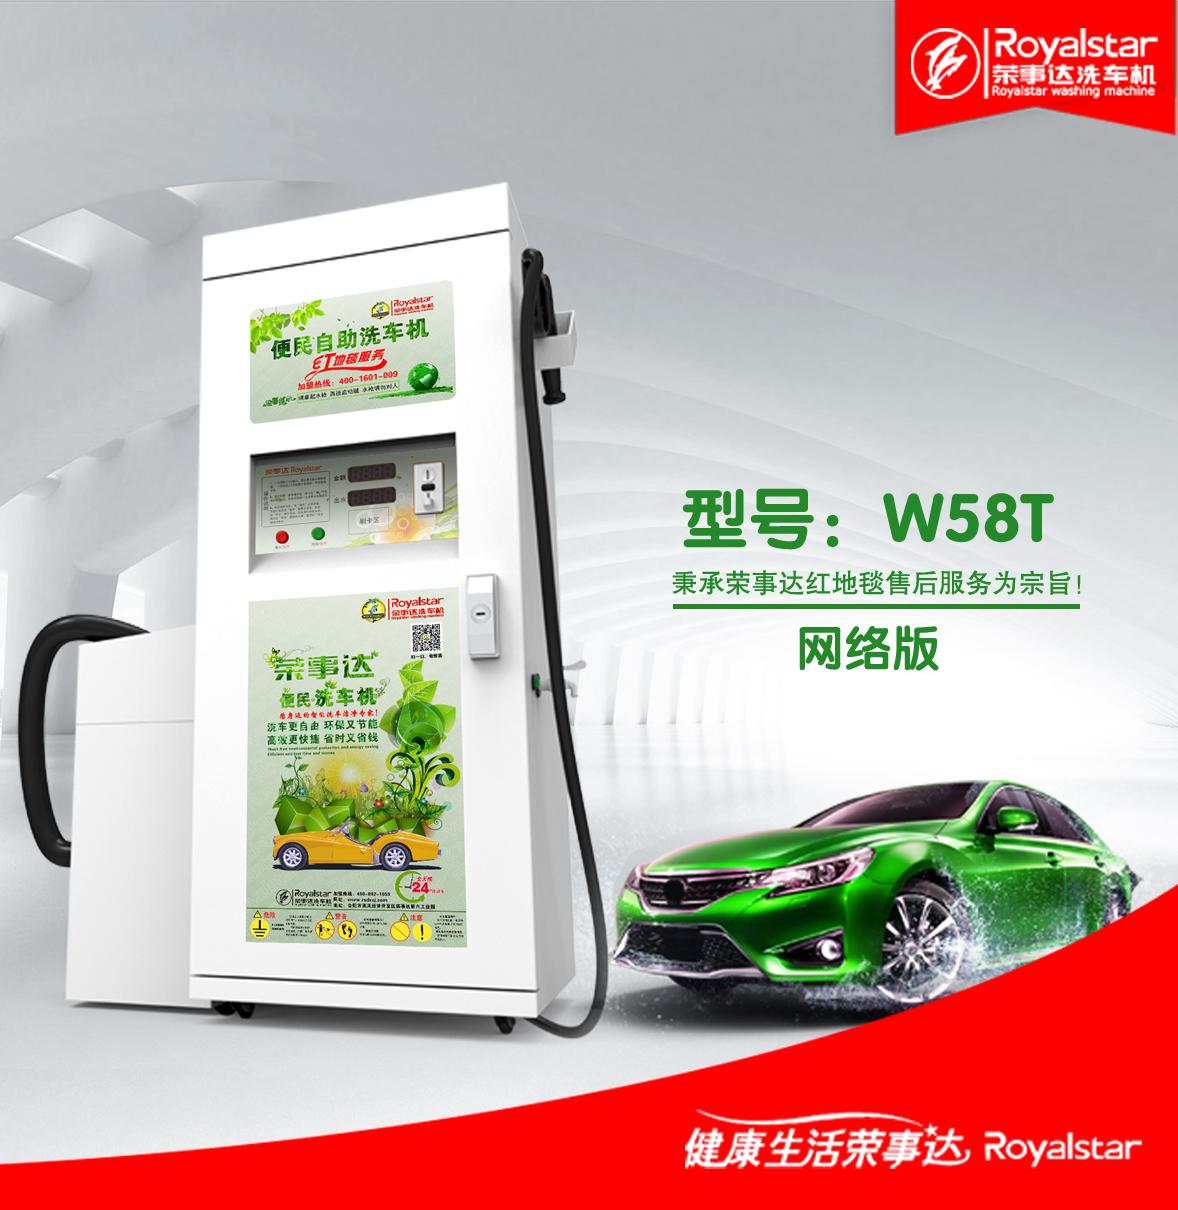 王思聪正式退役,荣事达自助洗车机第三代互联网版正式上市-- 合肥荣尚电子电器有限责任公司